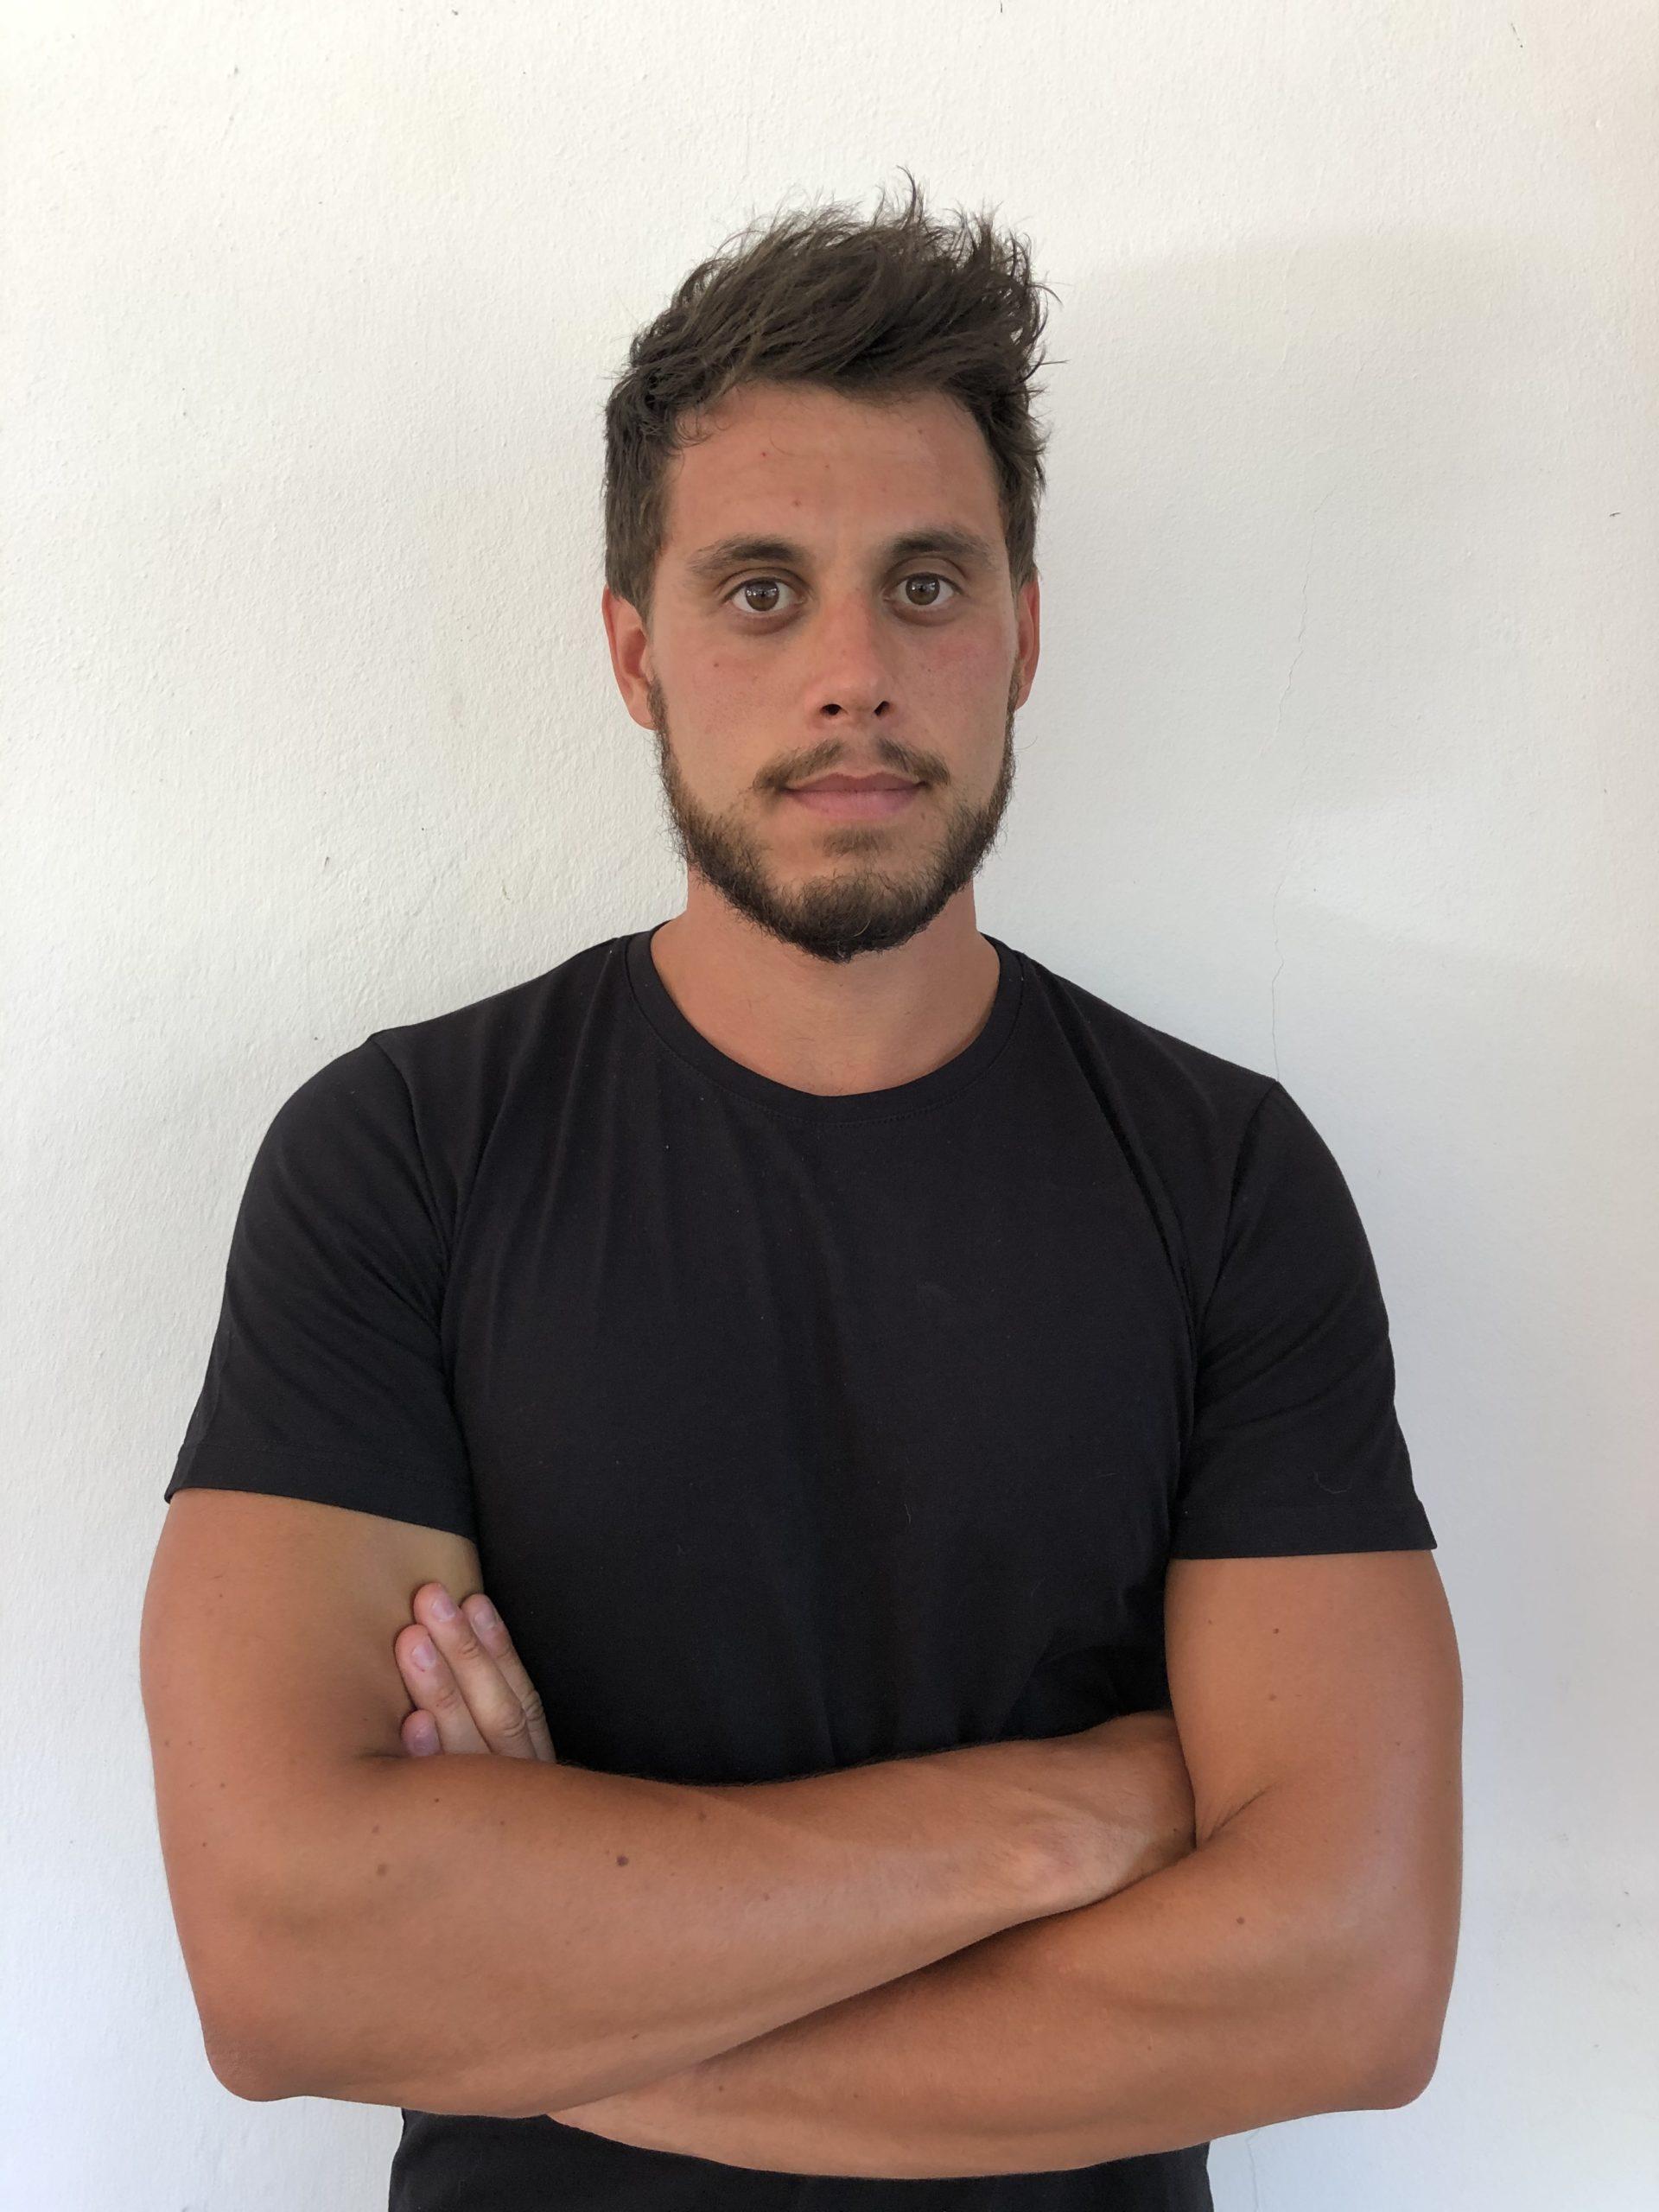 Matteo Zoffoli